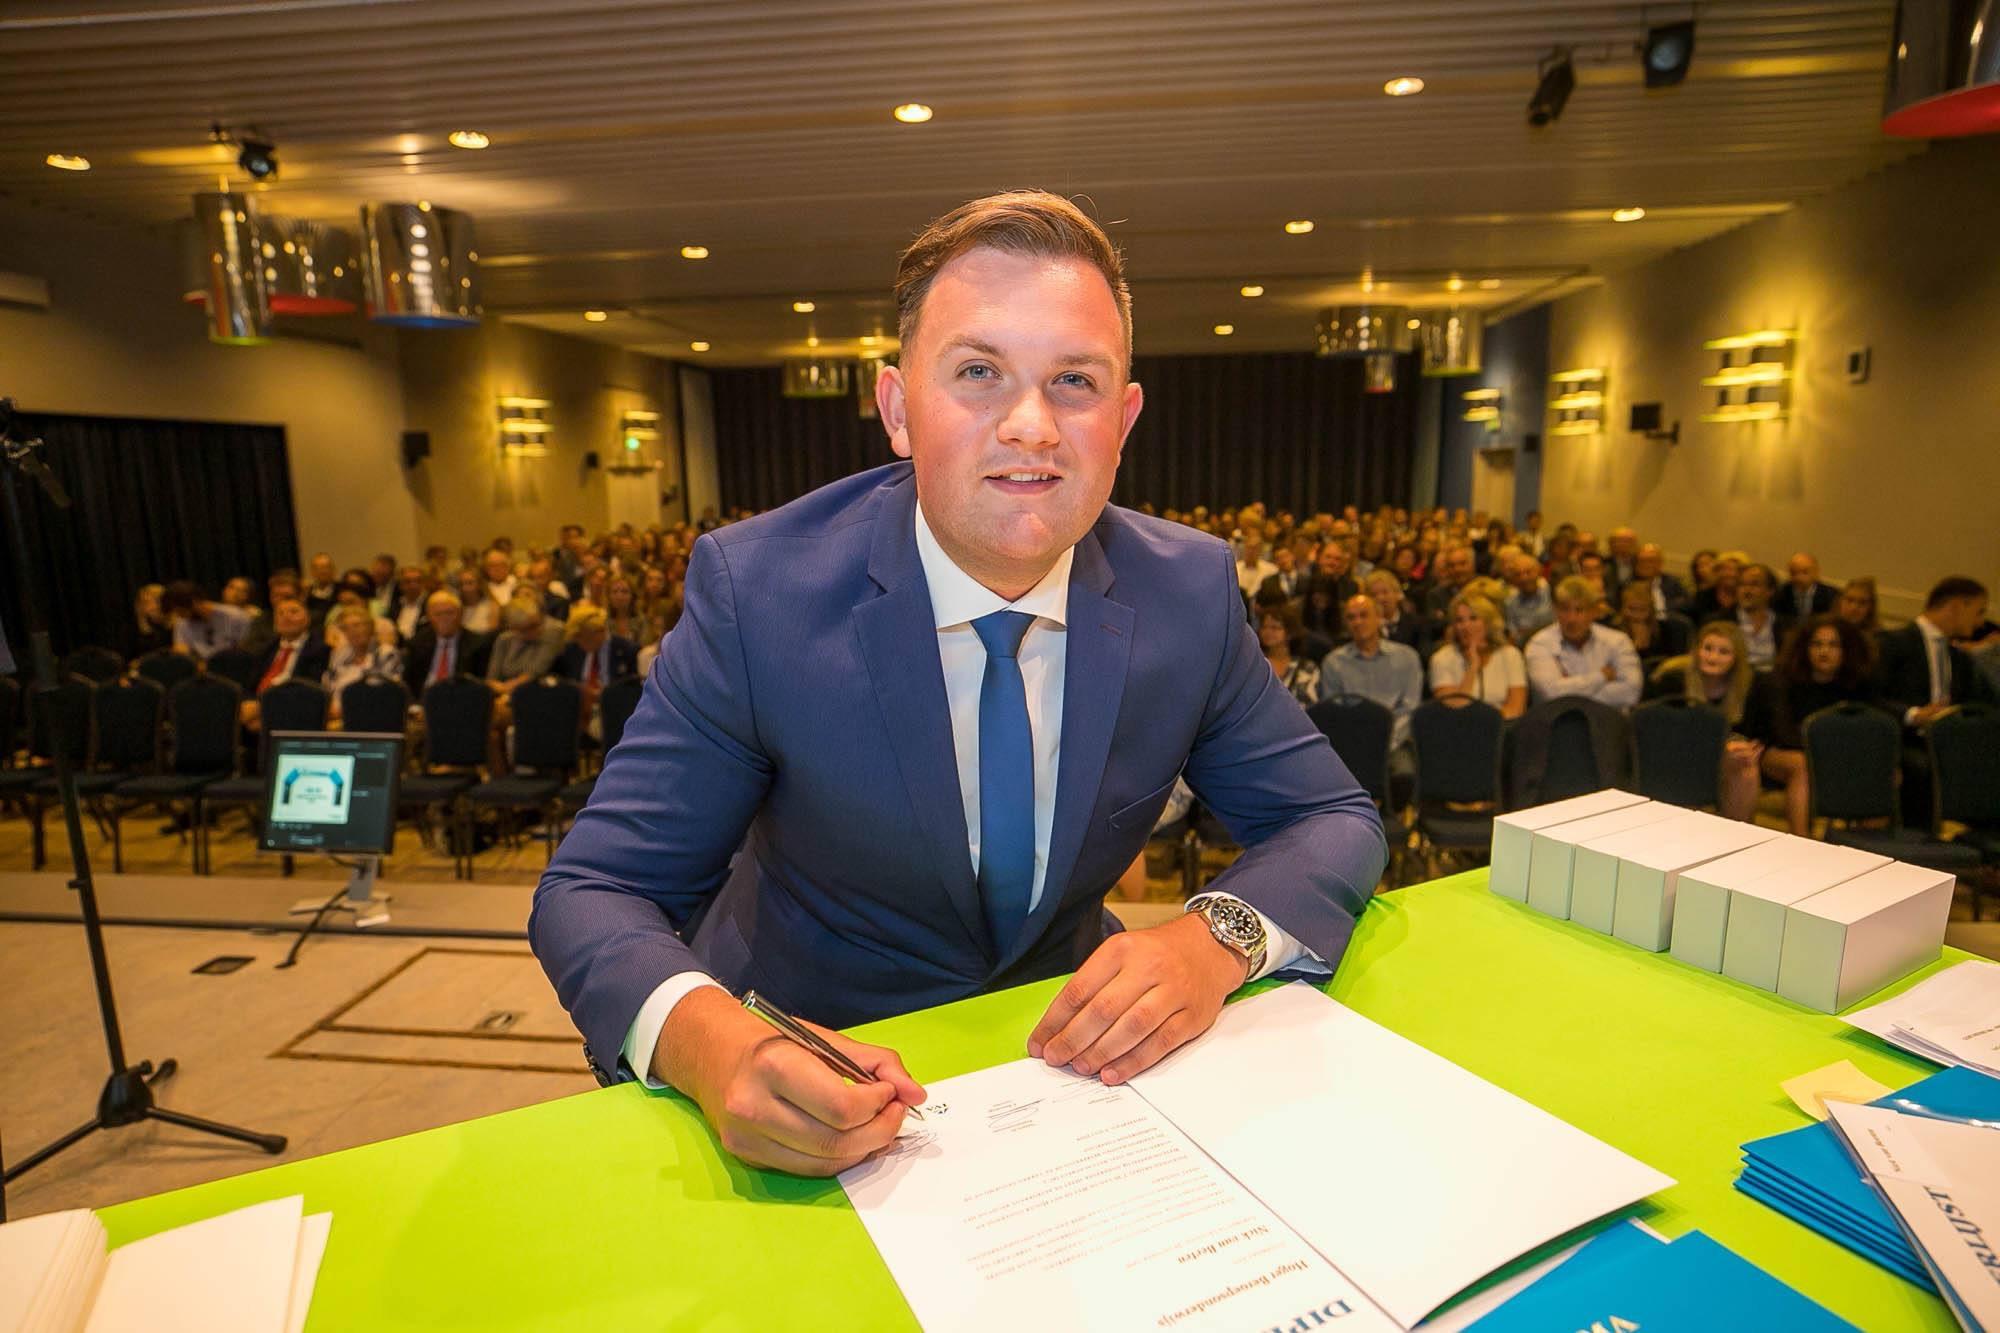 Nick van Beeten